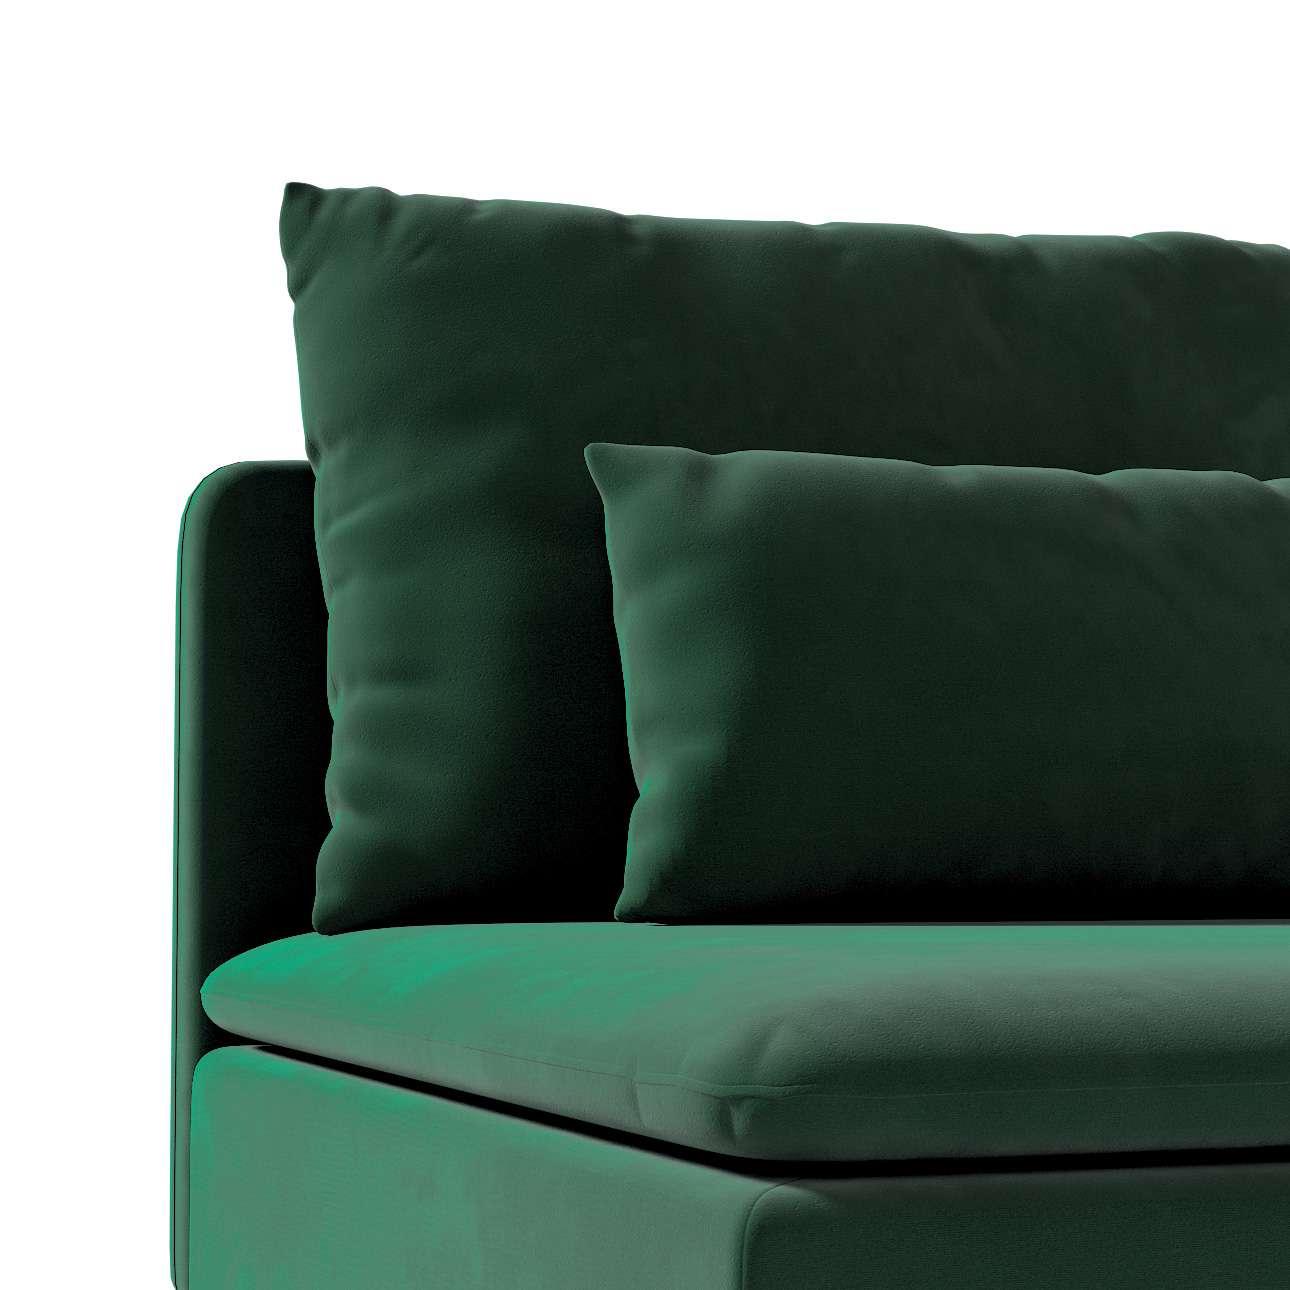 Bezug für Söderhamn Sitzelement 1 von der Kollektion Velvet, Stoff: 704-25